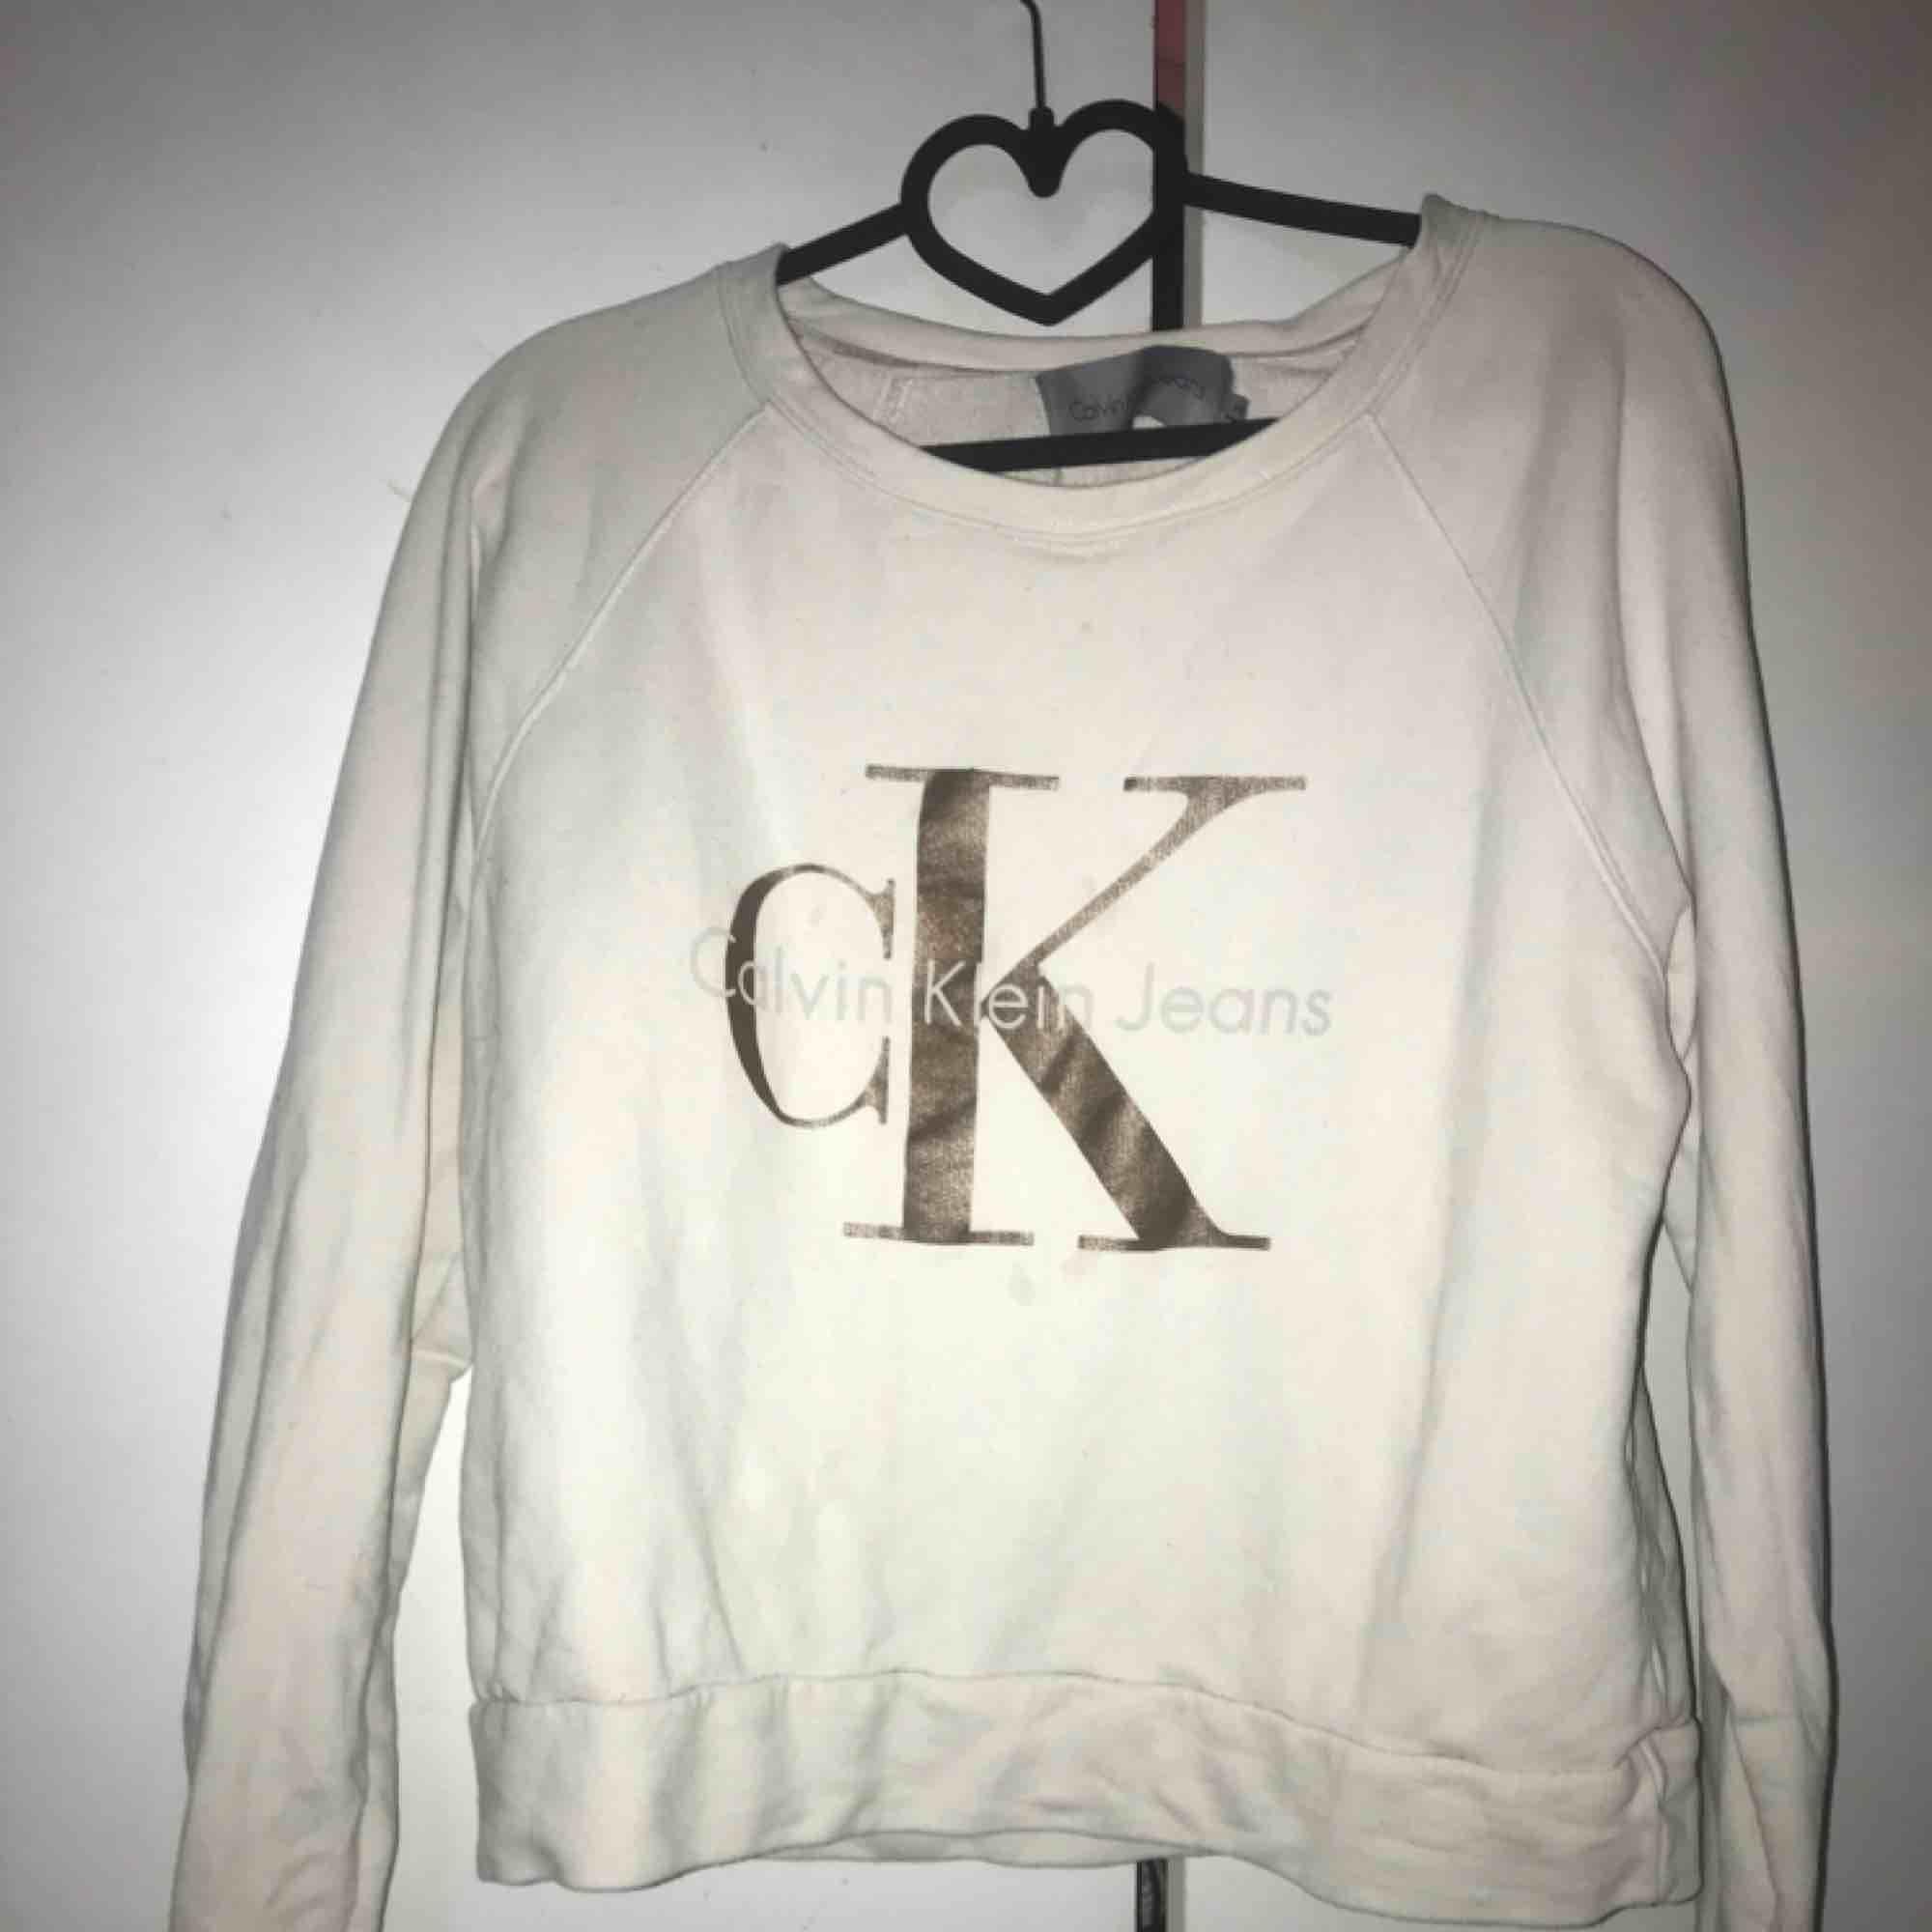 Calvin Klein tröja, strl M.  Skickar mot frakt via swish, annars finns den i Halmstad/Laholm . Tröjor & Koftor.